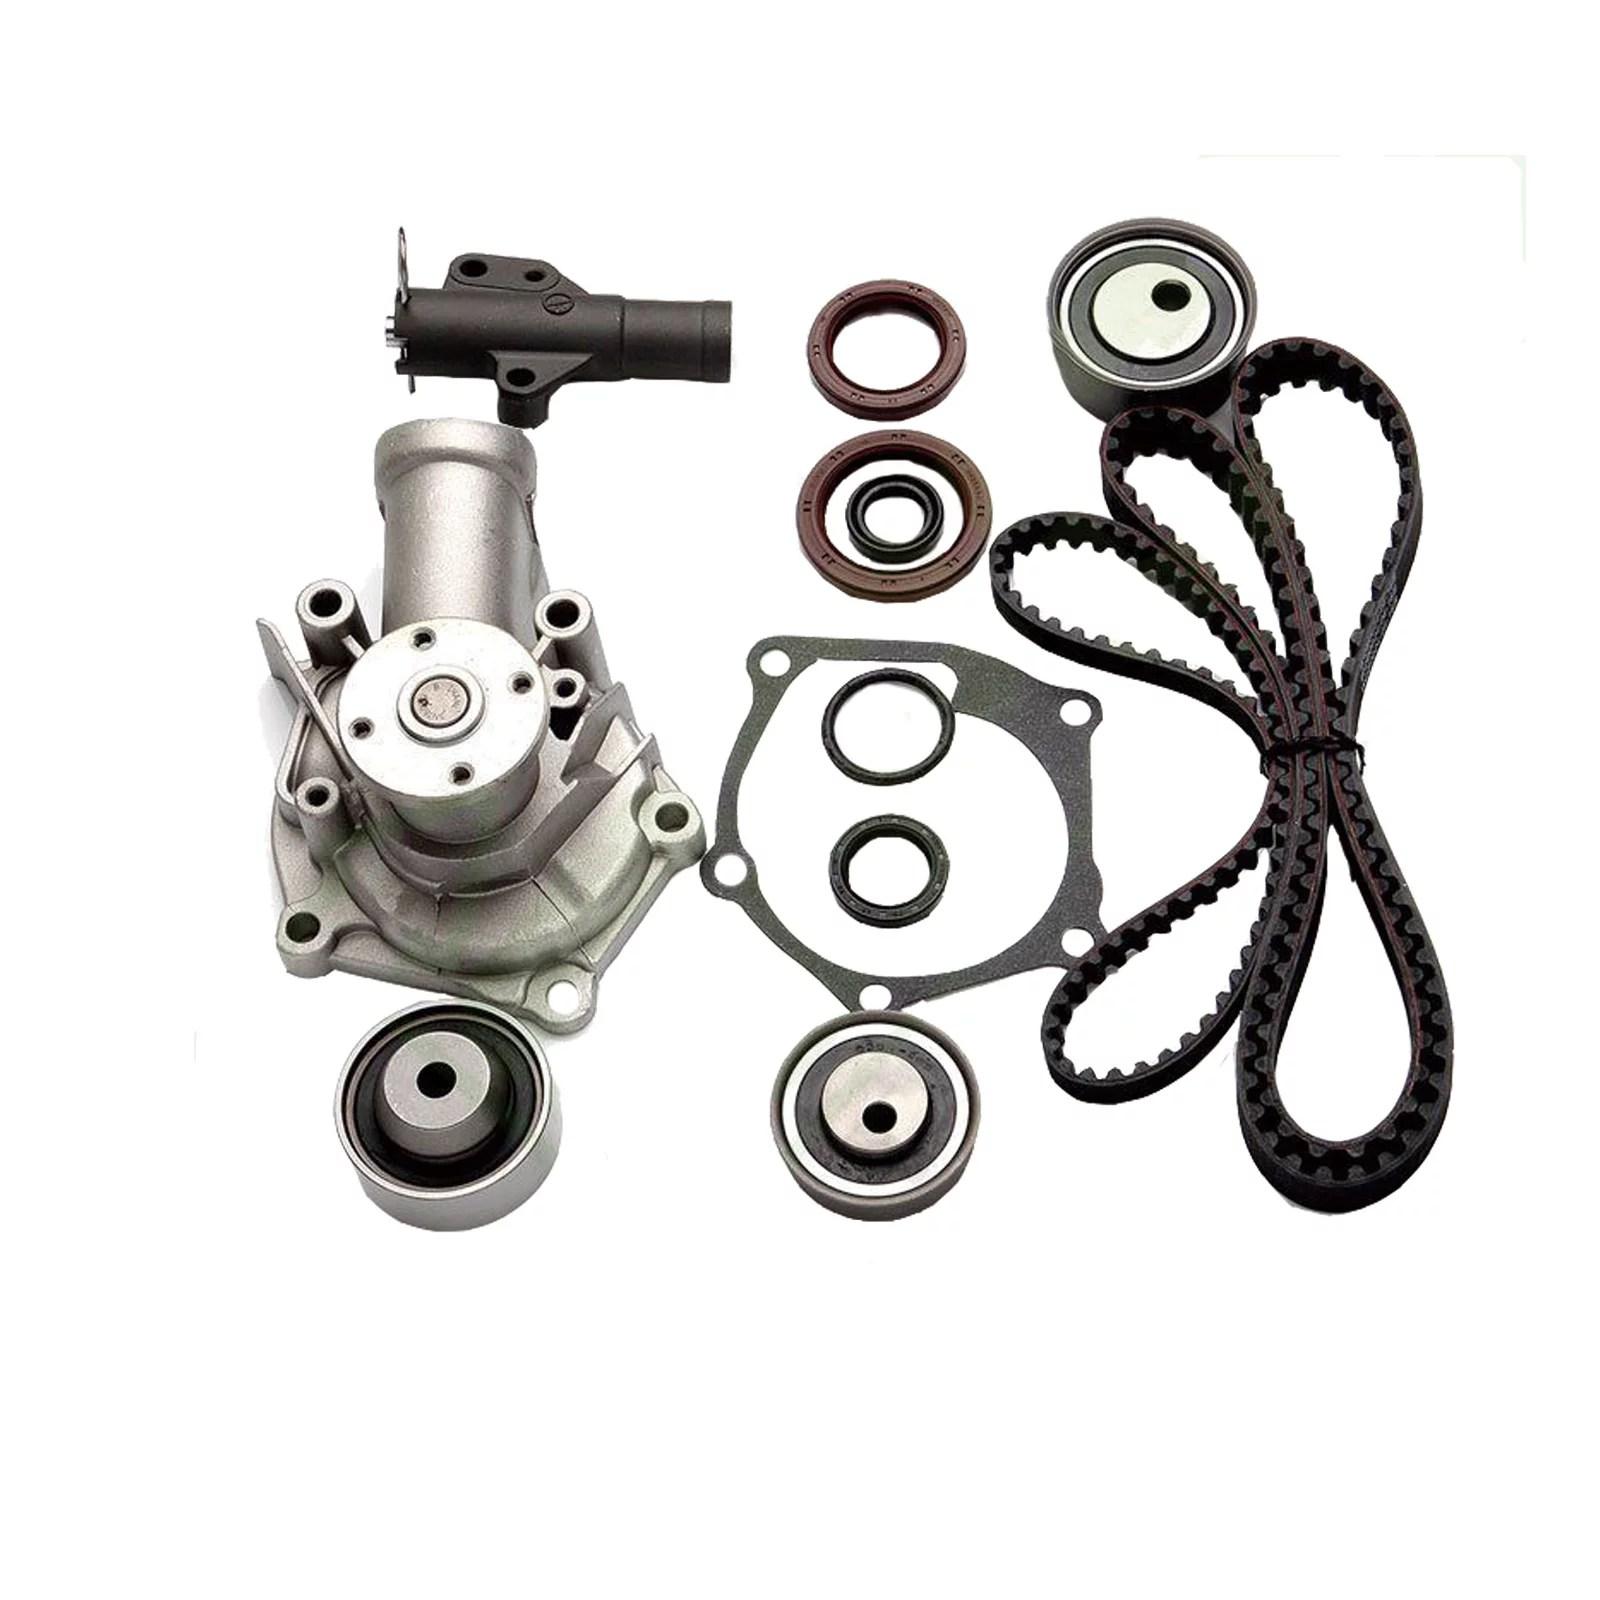 FLPX Timing Belt Water Pump Kit For 04-09 Mitsubishi